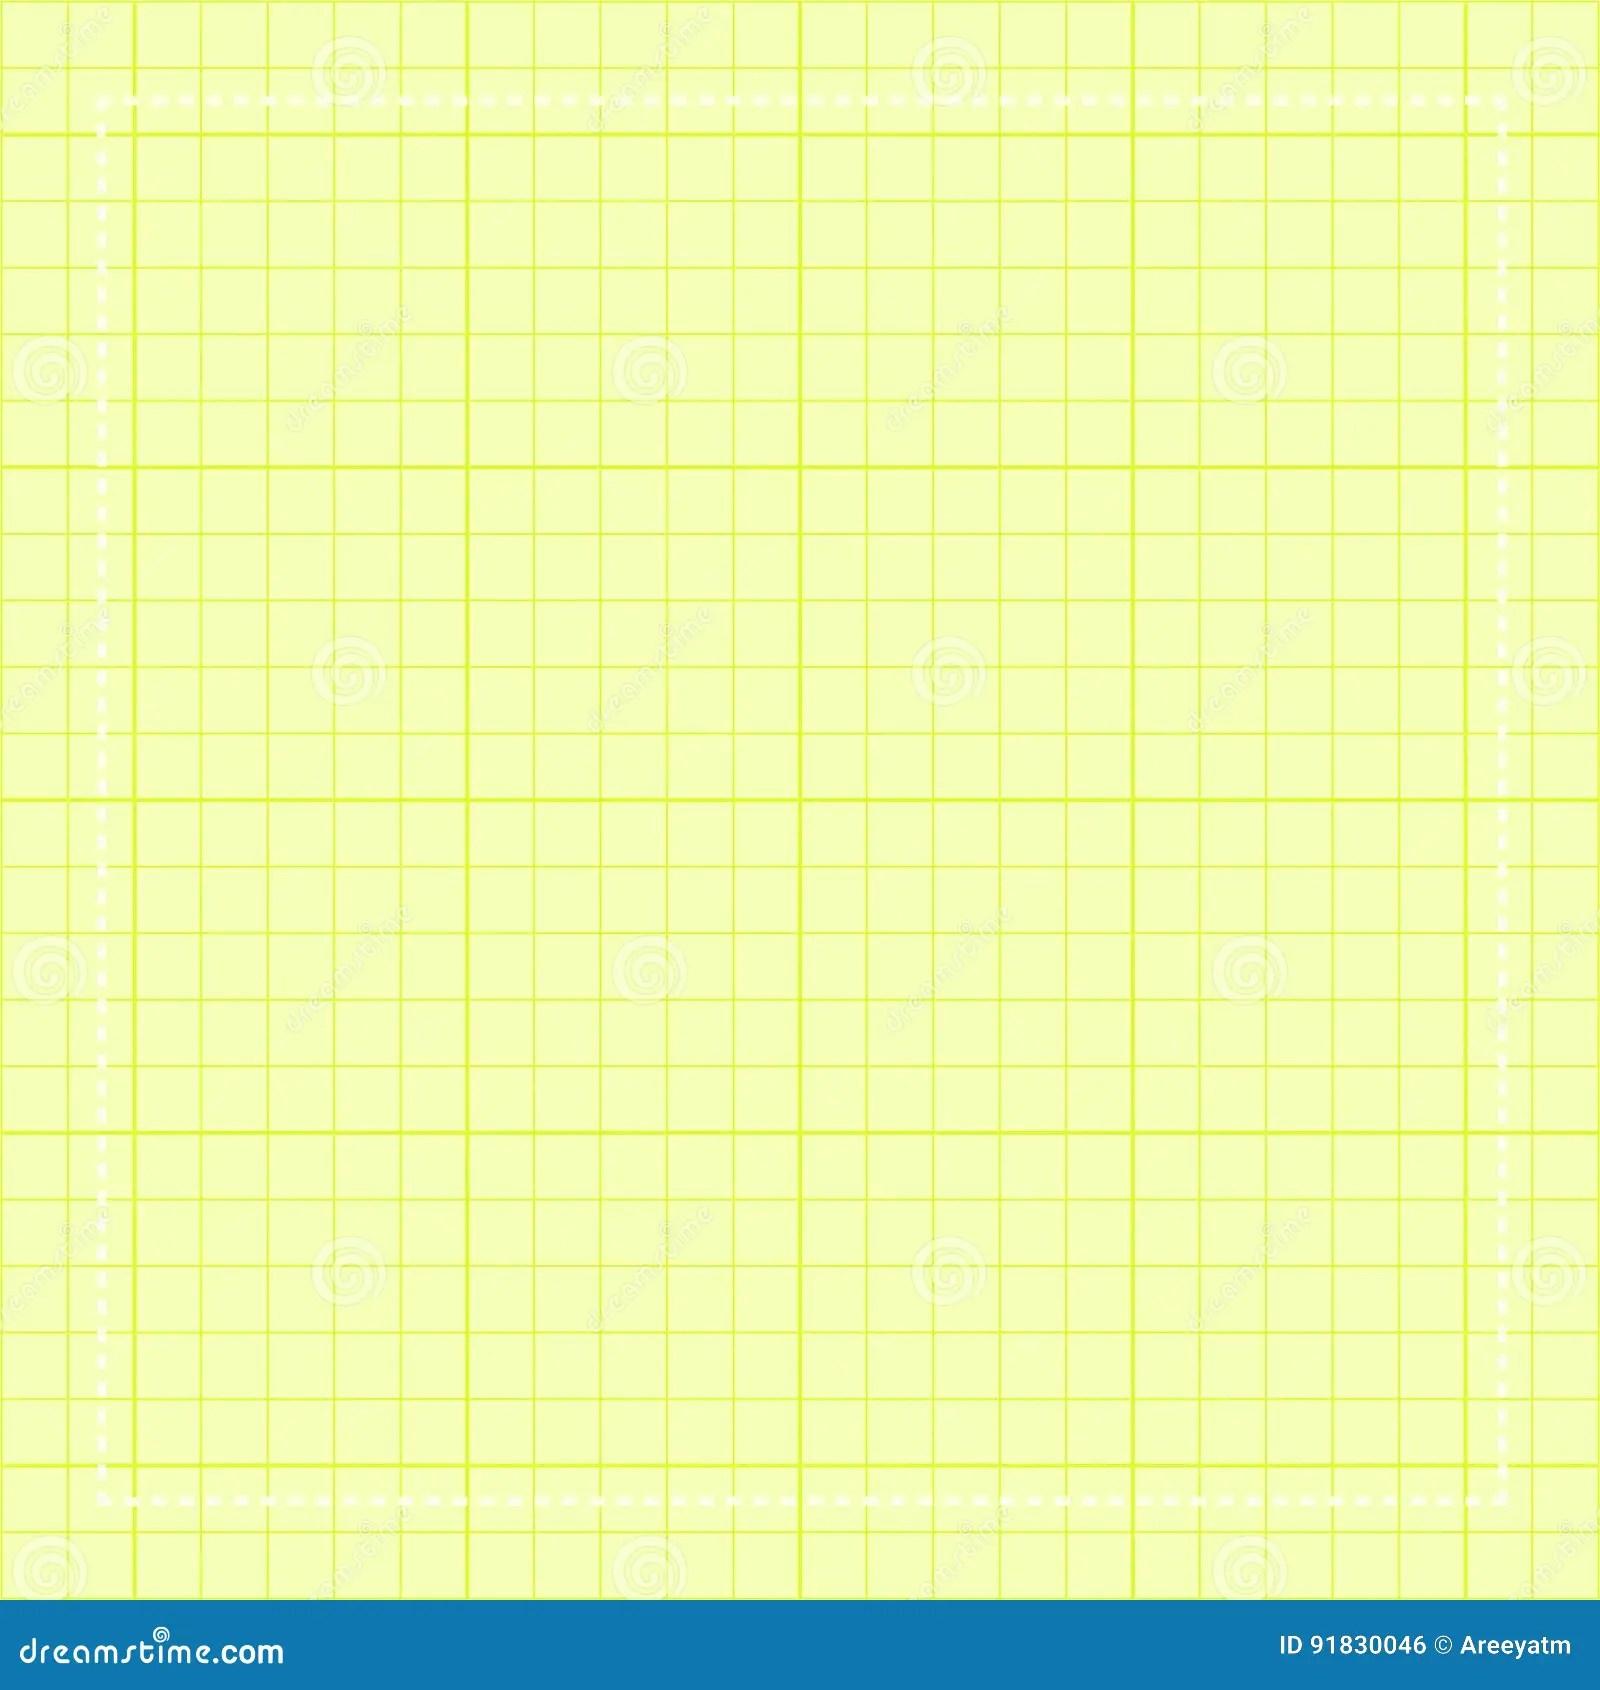 Design element grid paper stock illustration Illustration of